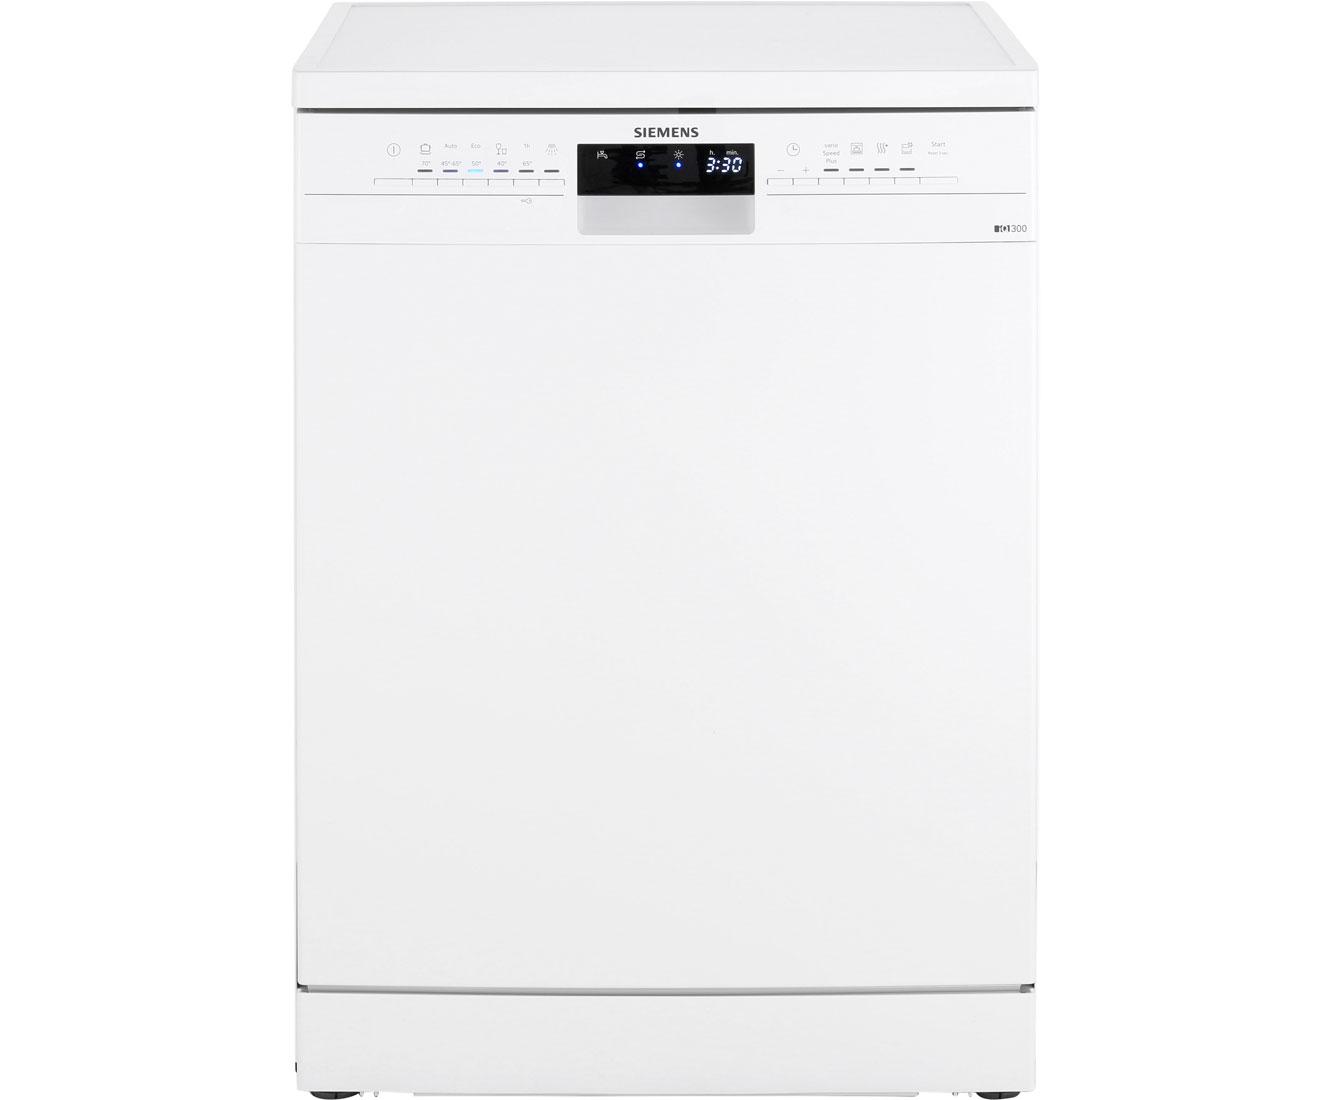 iQ300 SN236W03ME Geschirrspüler 60 cm - Weiss